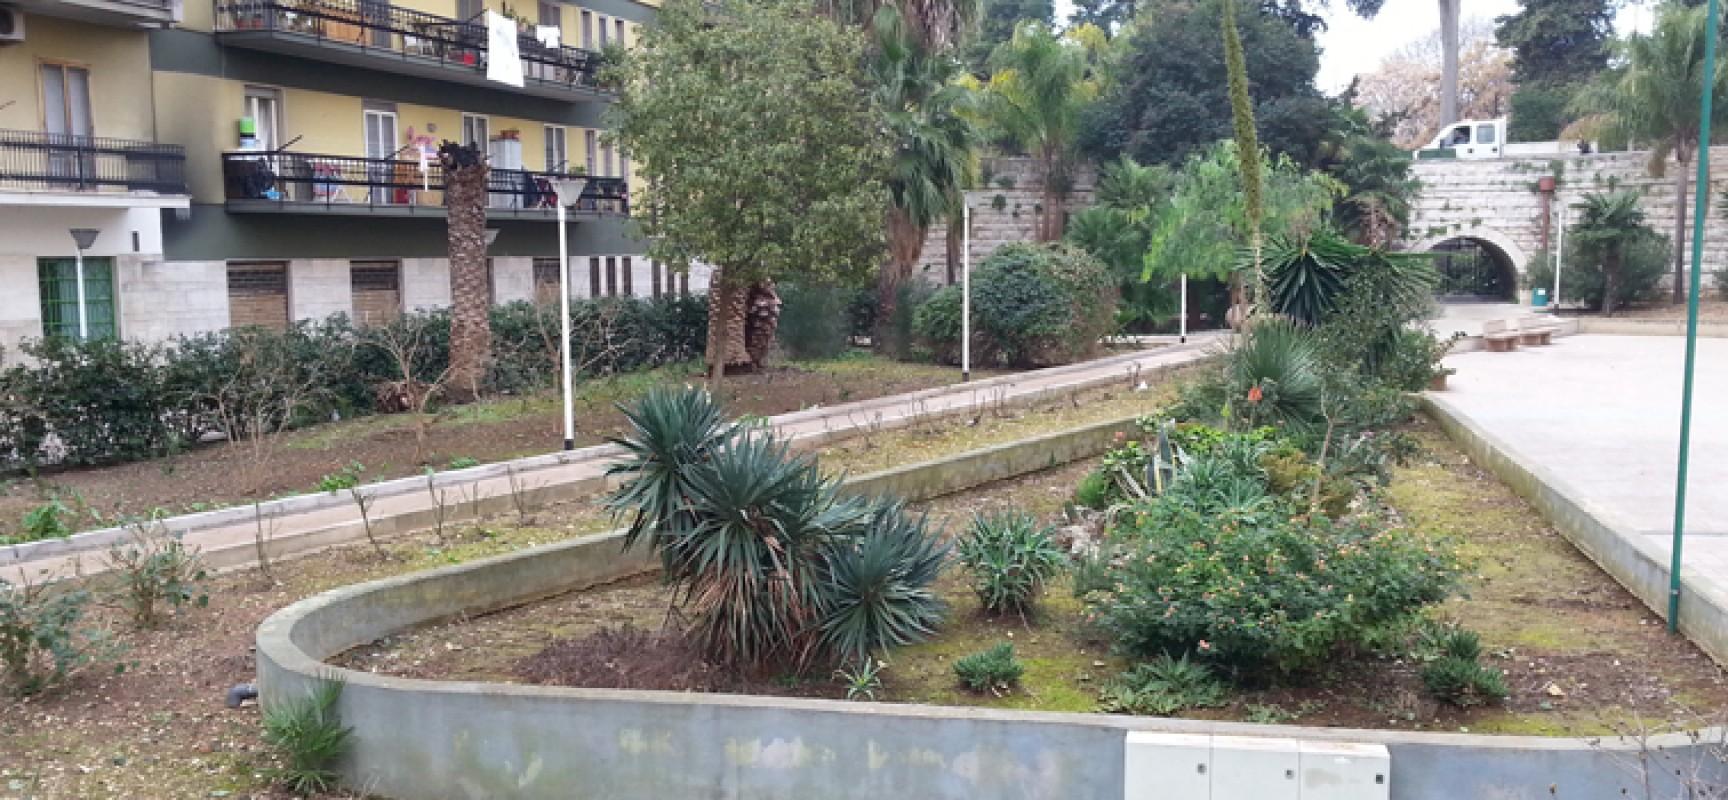 """Reportage sui parchi, le osservazioni di """"Roma Intangibile"""" su parco Unità d'Italia"""